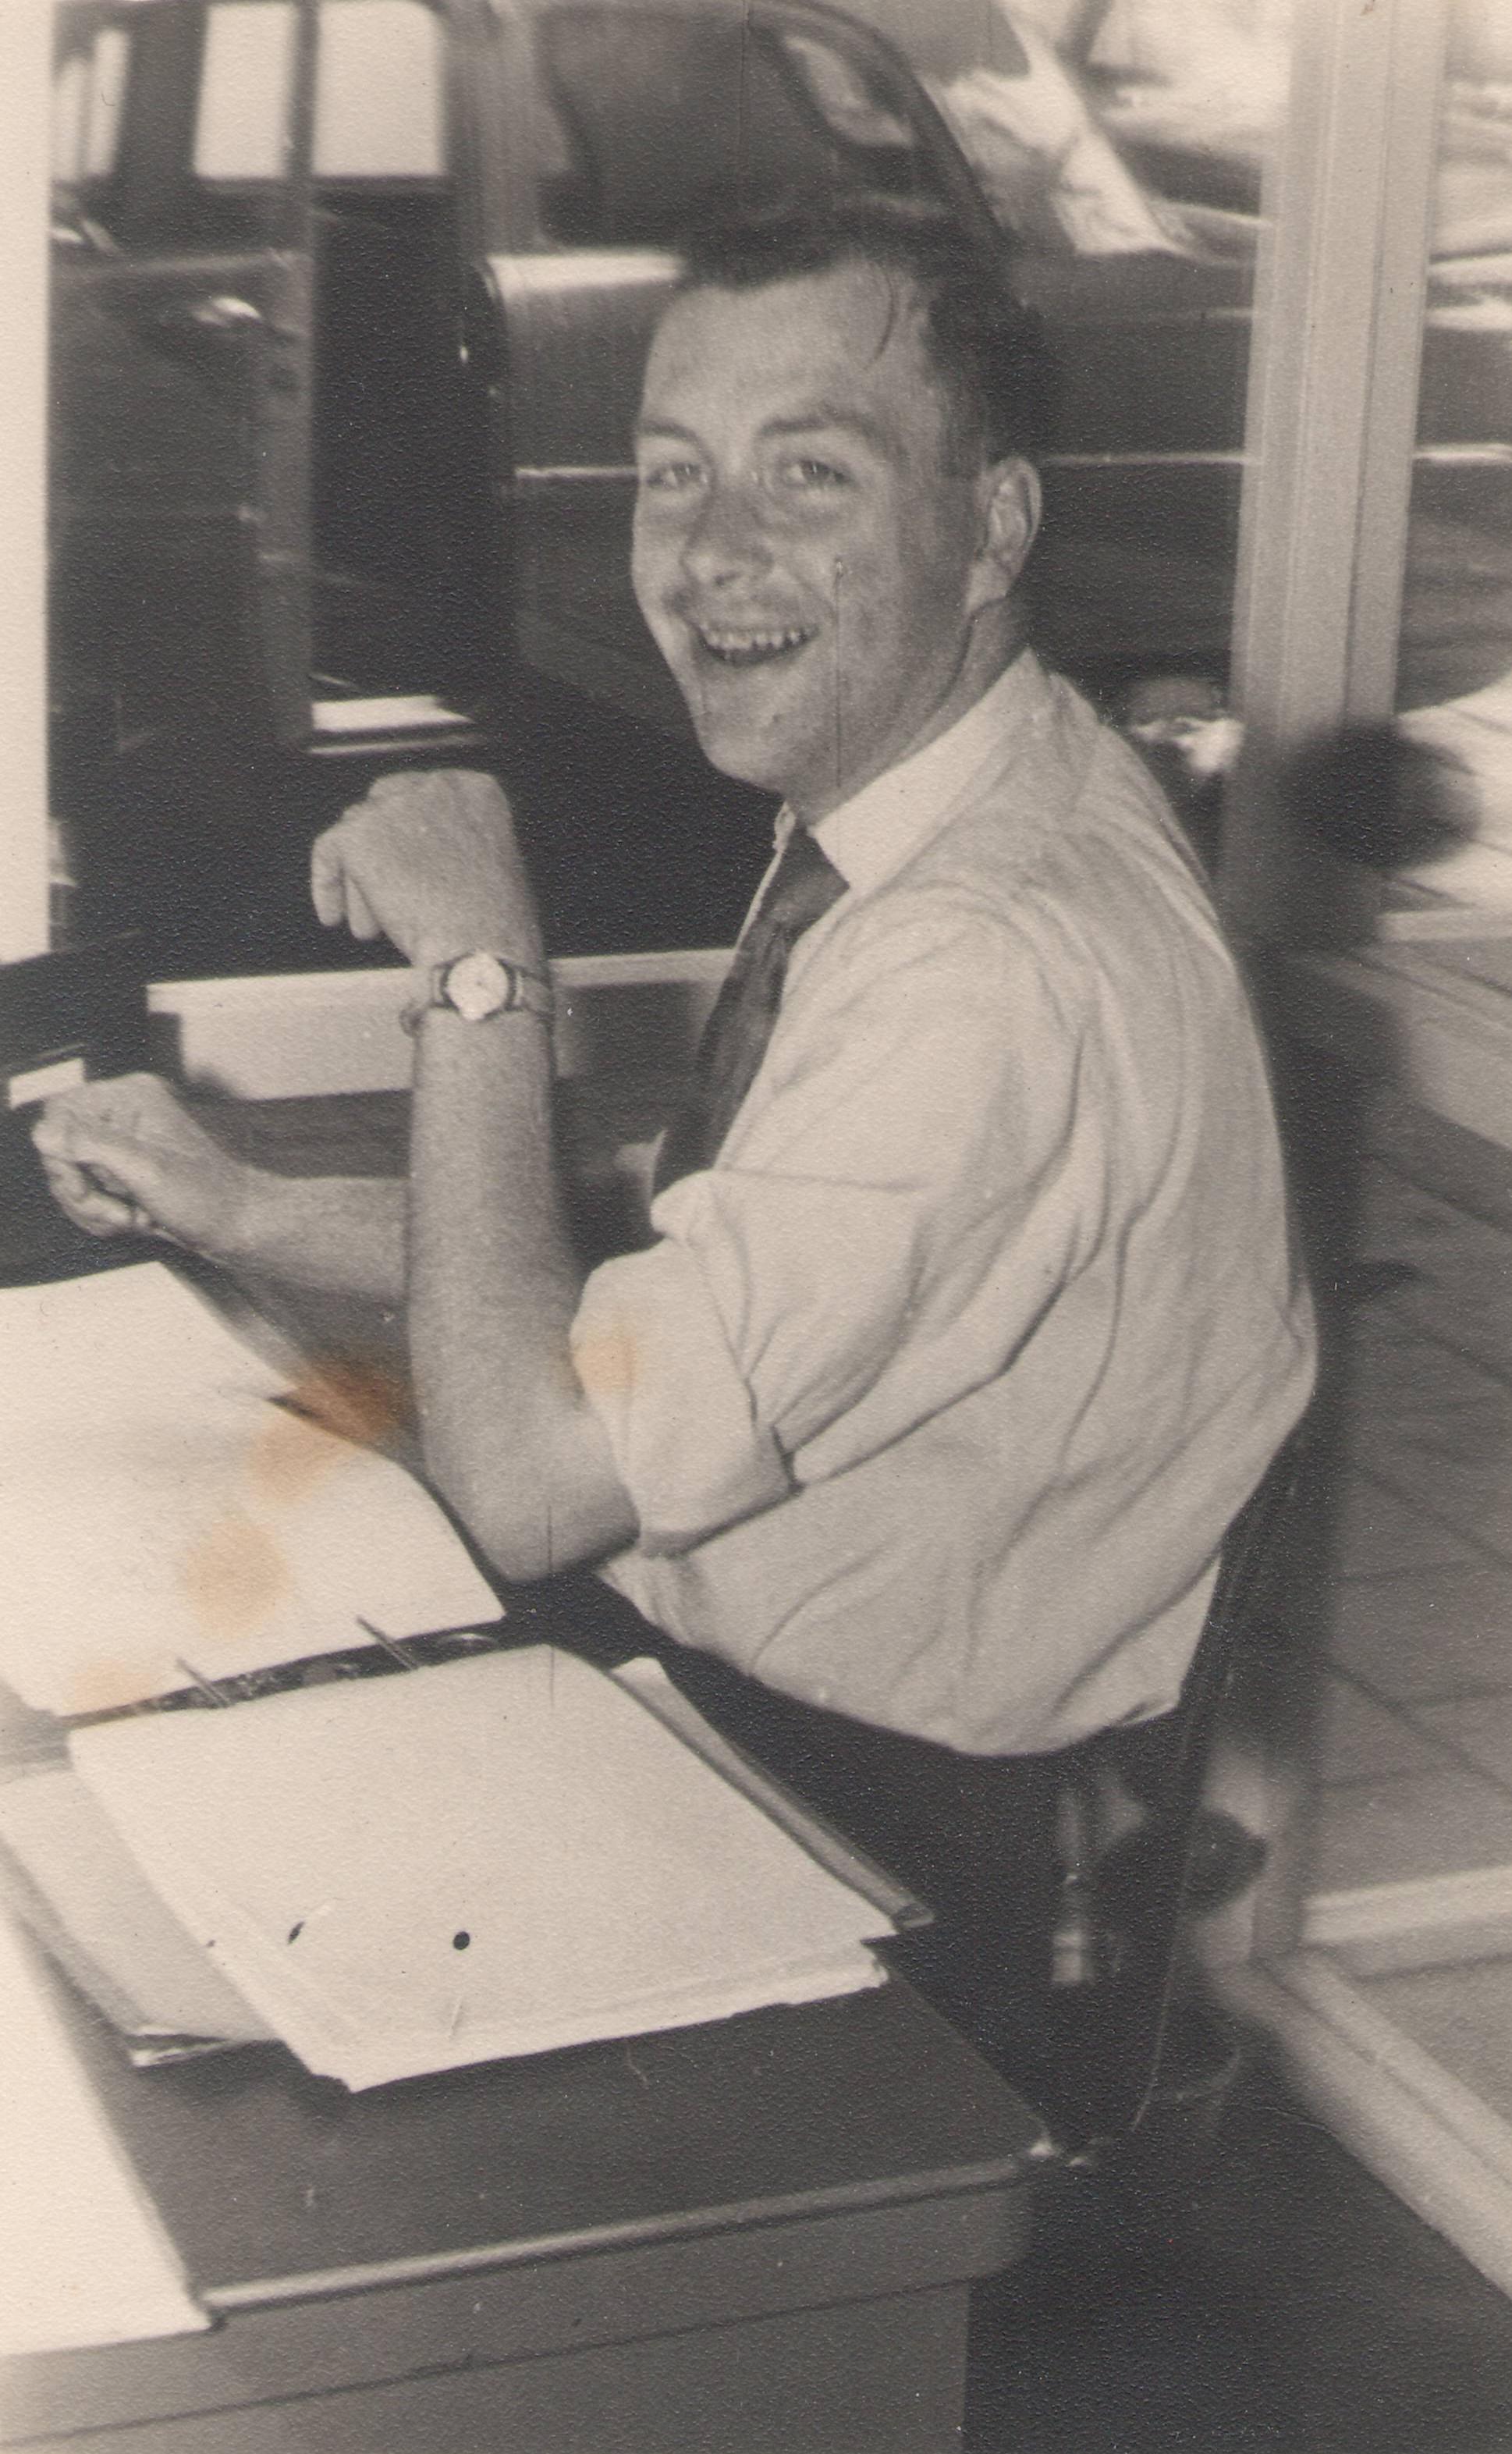 Johannes Pieter Brouwer (1929-2012)